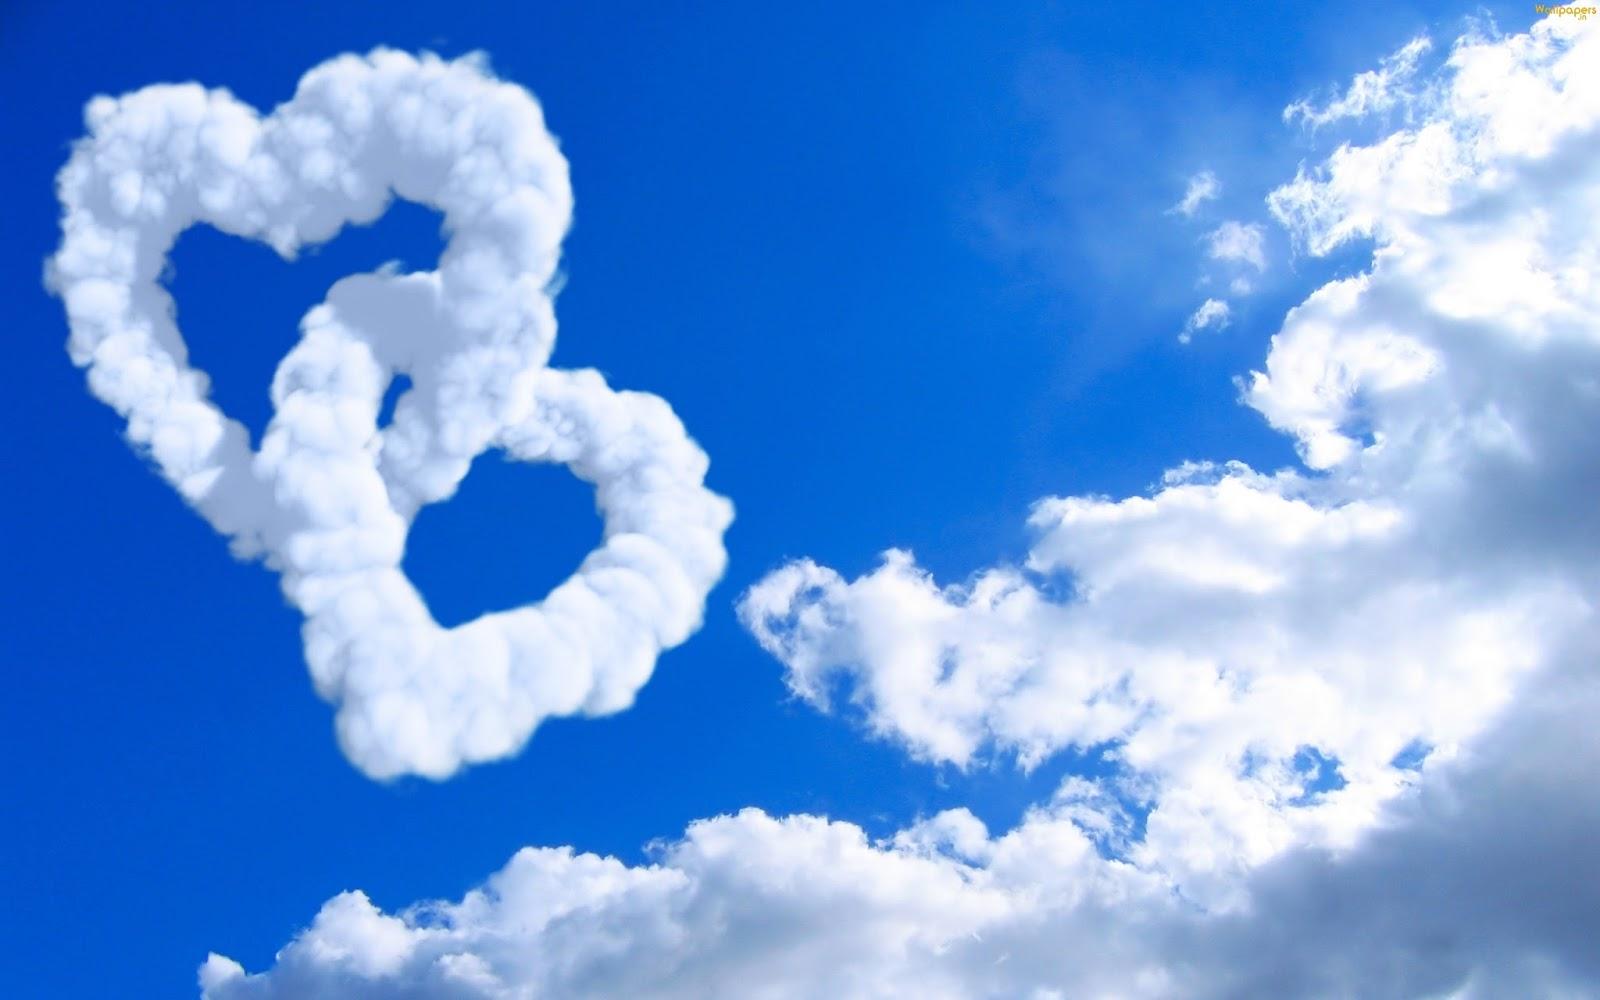 Thơ tình Mây và Gió